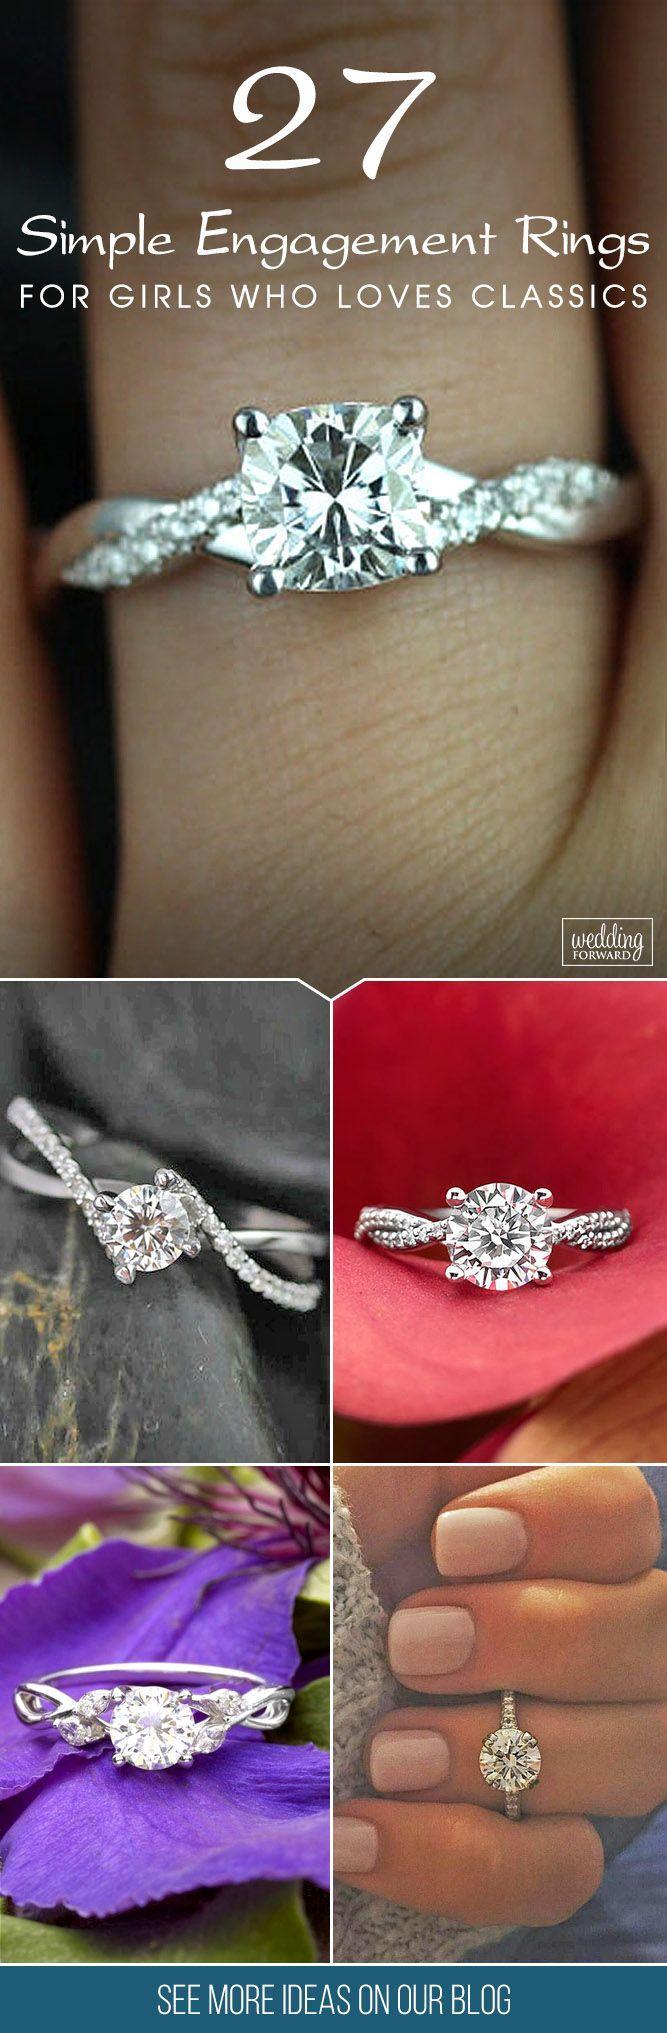 زفاف - 27 Simple Engagement Rings For Girls Who Loves Classics